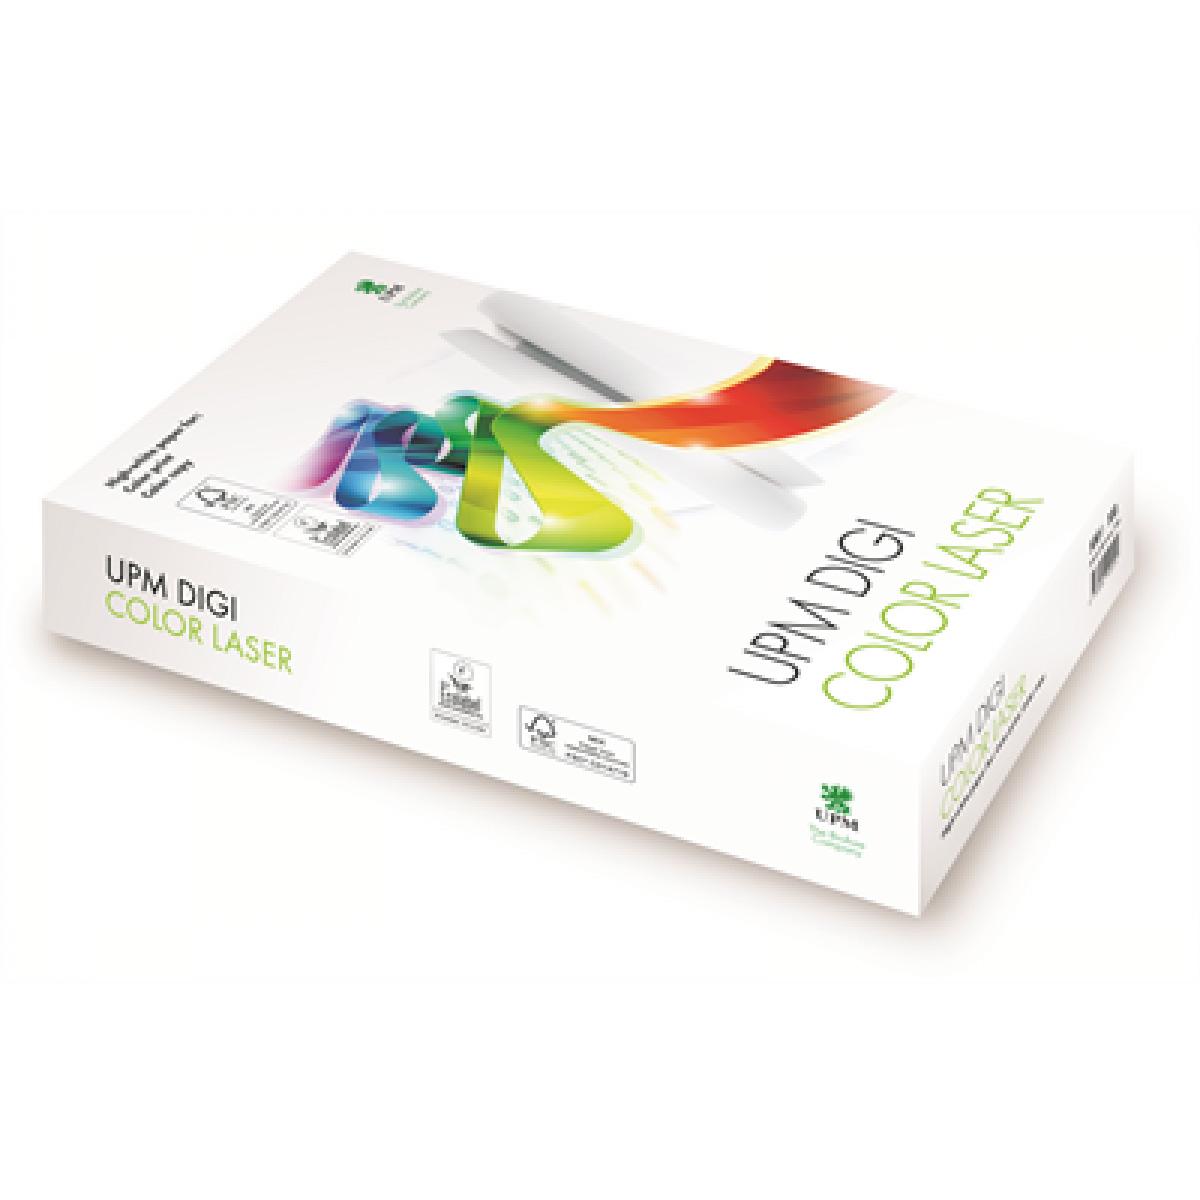 Бумага Digi Color Laser A3 270гр./м2., 150листов UPM - фото 1